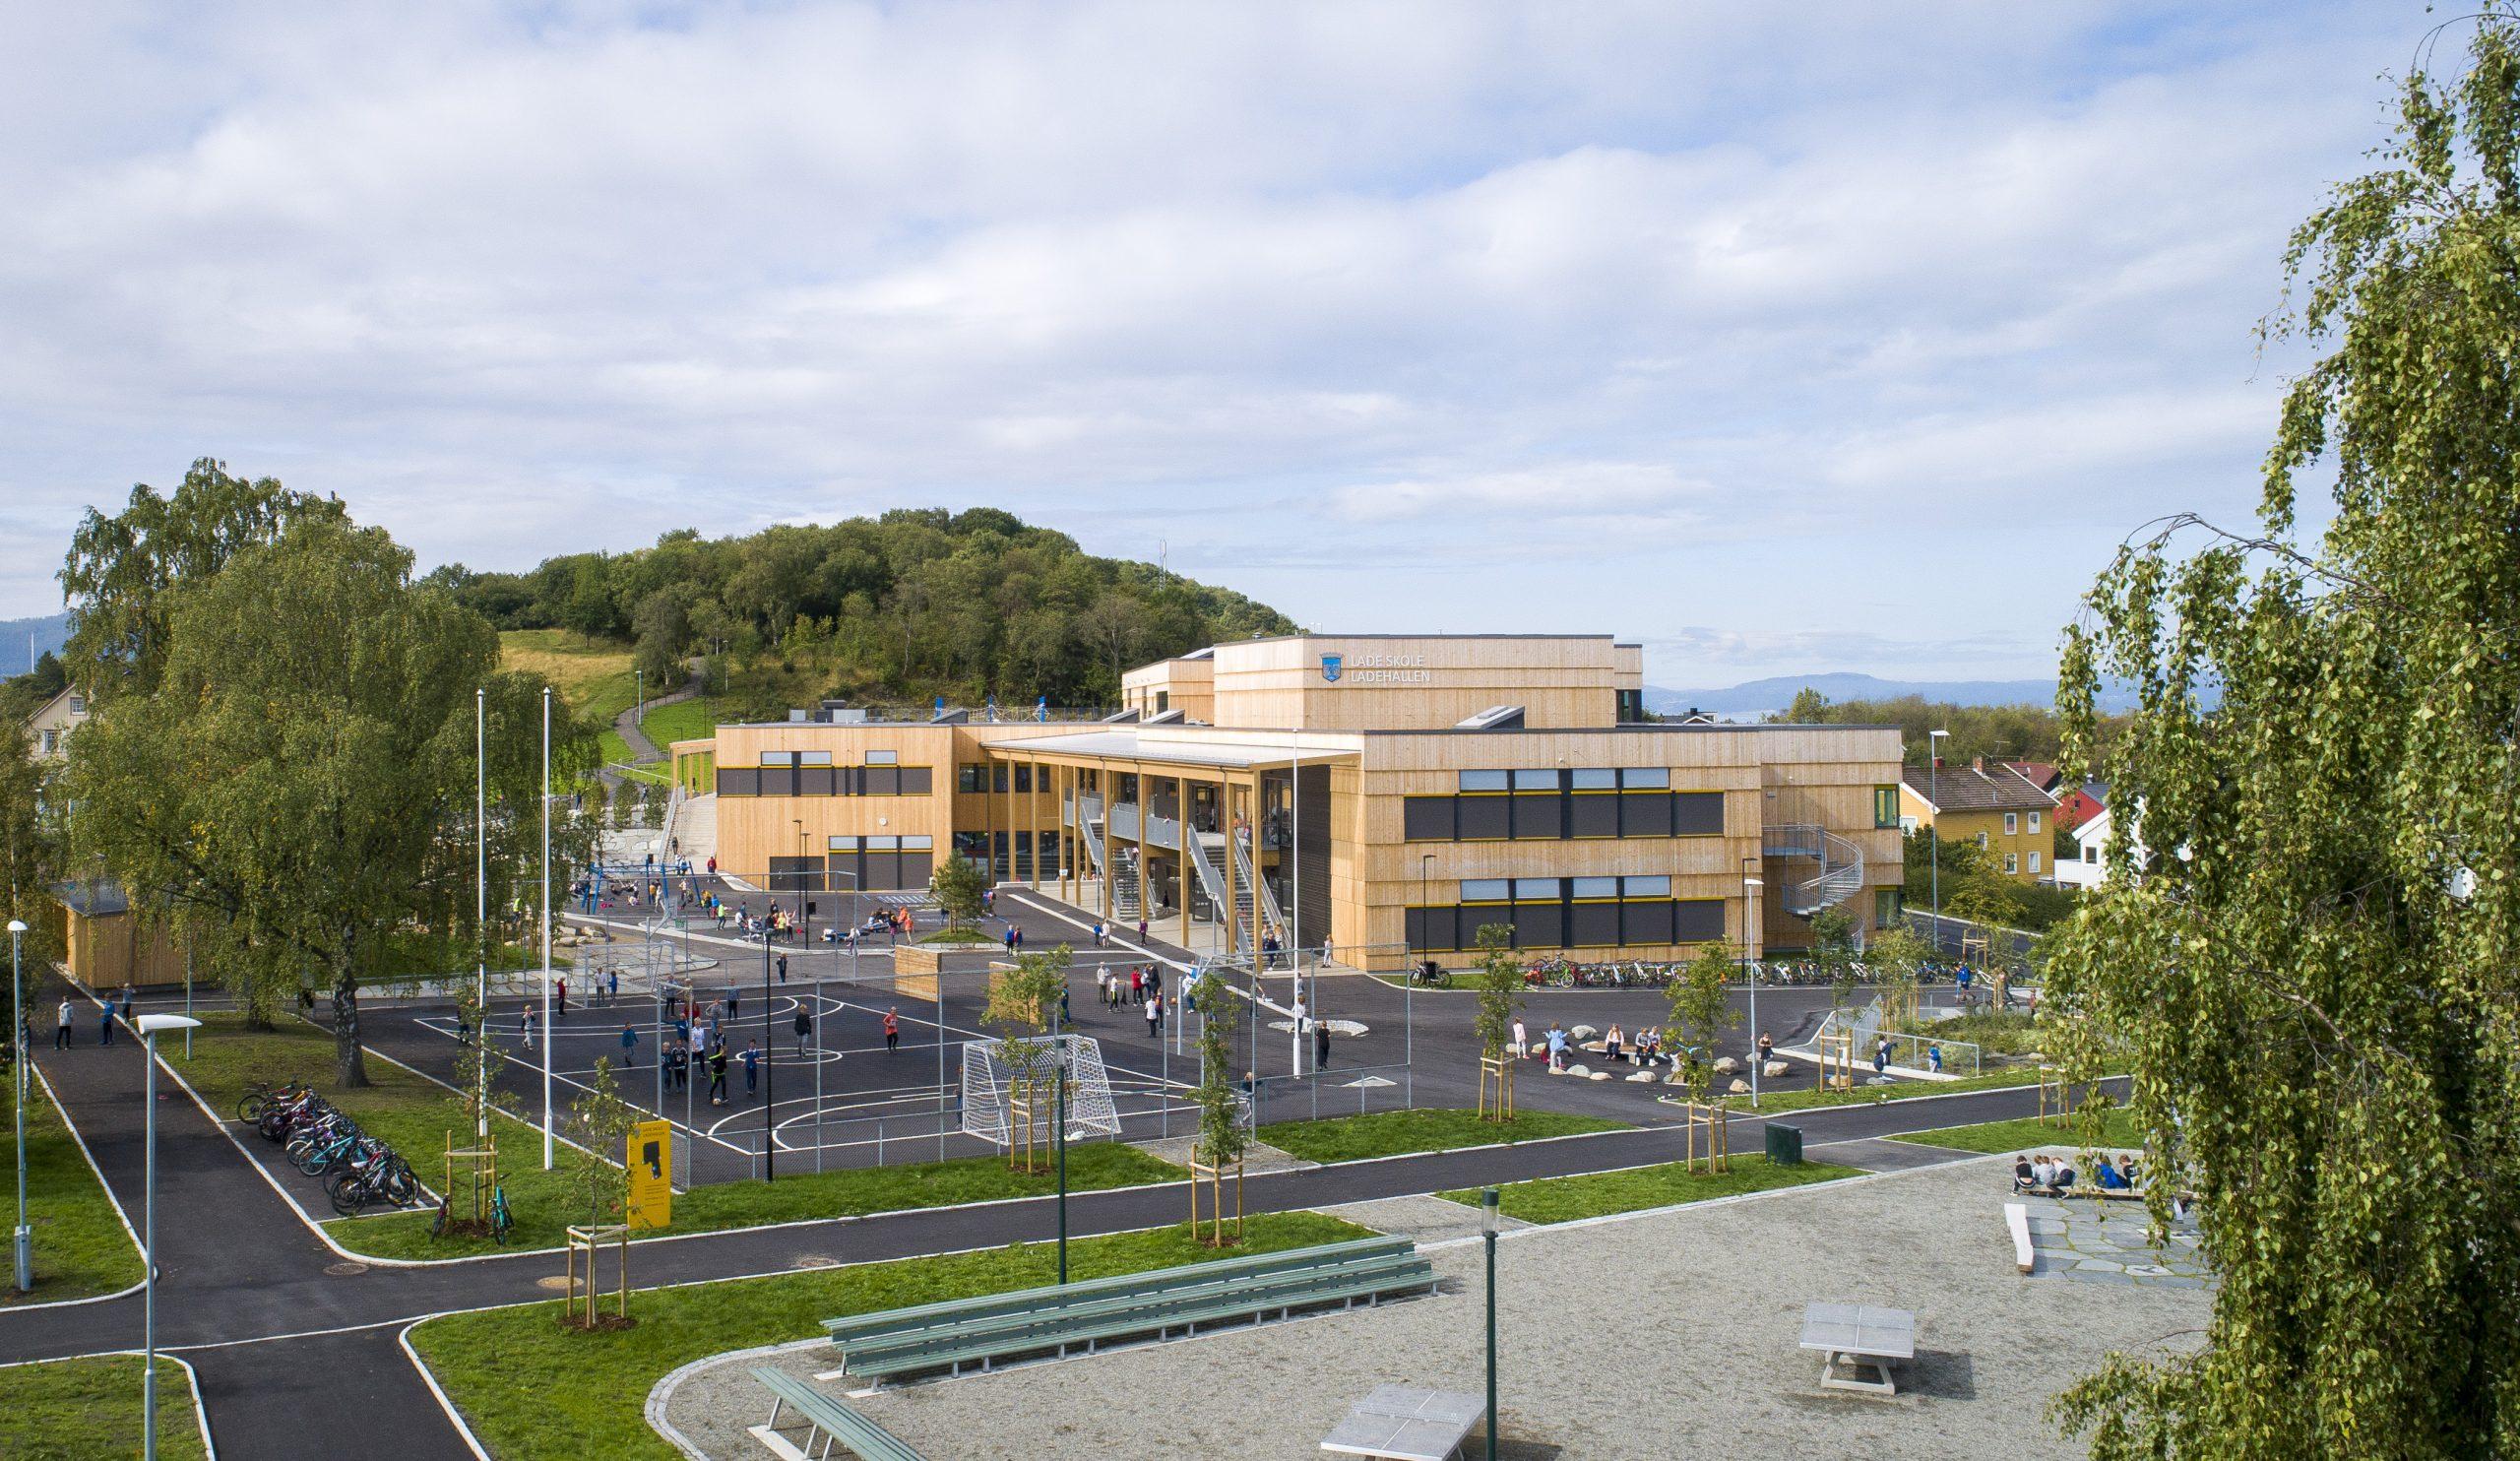 Foto av skolebygg i tre og skolegård